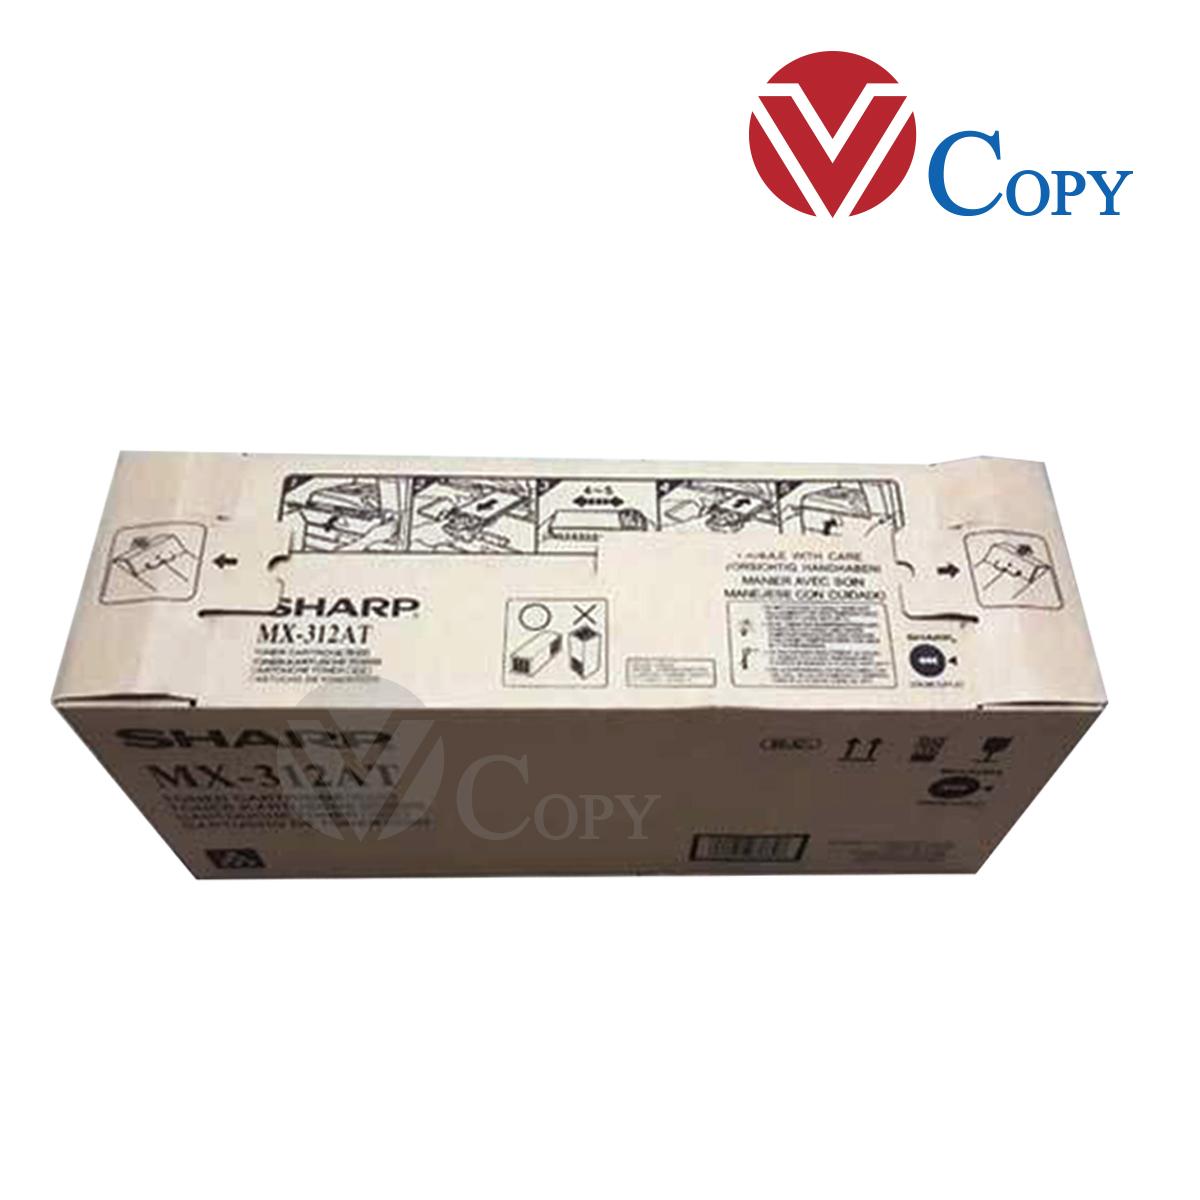 Mực Thương hiệu dùng cho máy Photocopy Sharp  AR 5726/5731 - Cụm mực AR  312AT- trọng lượng 500 gr